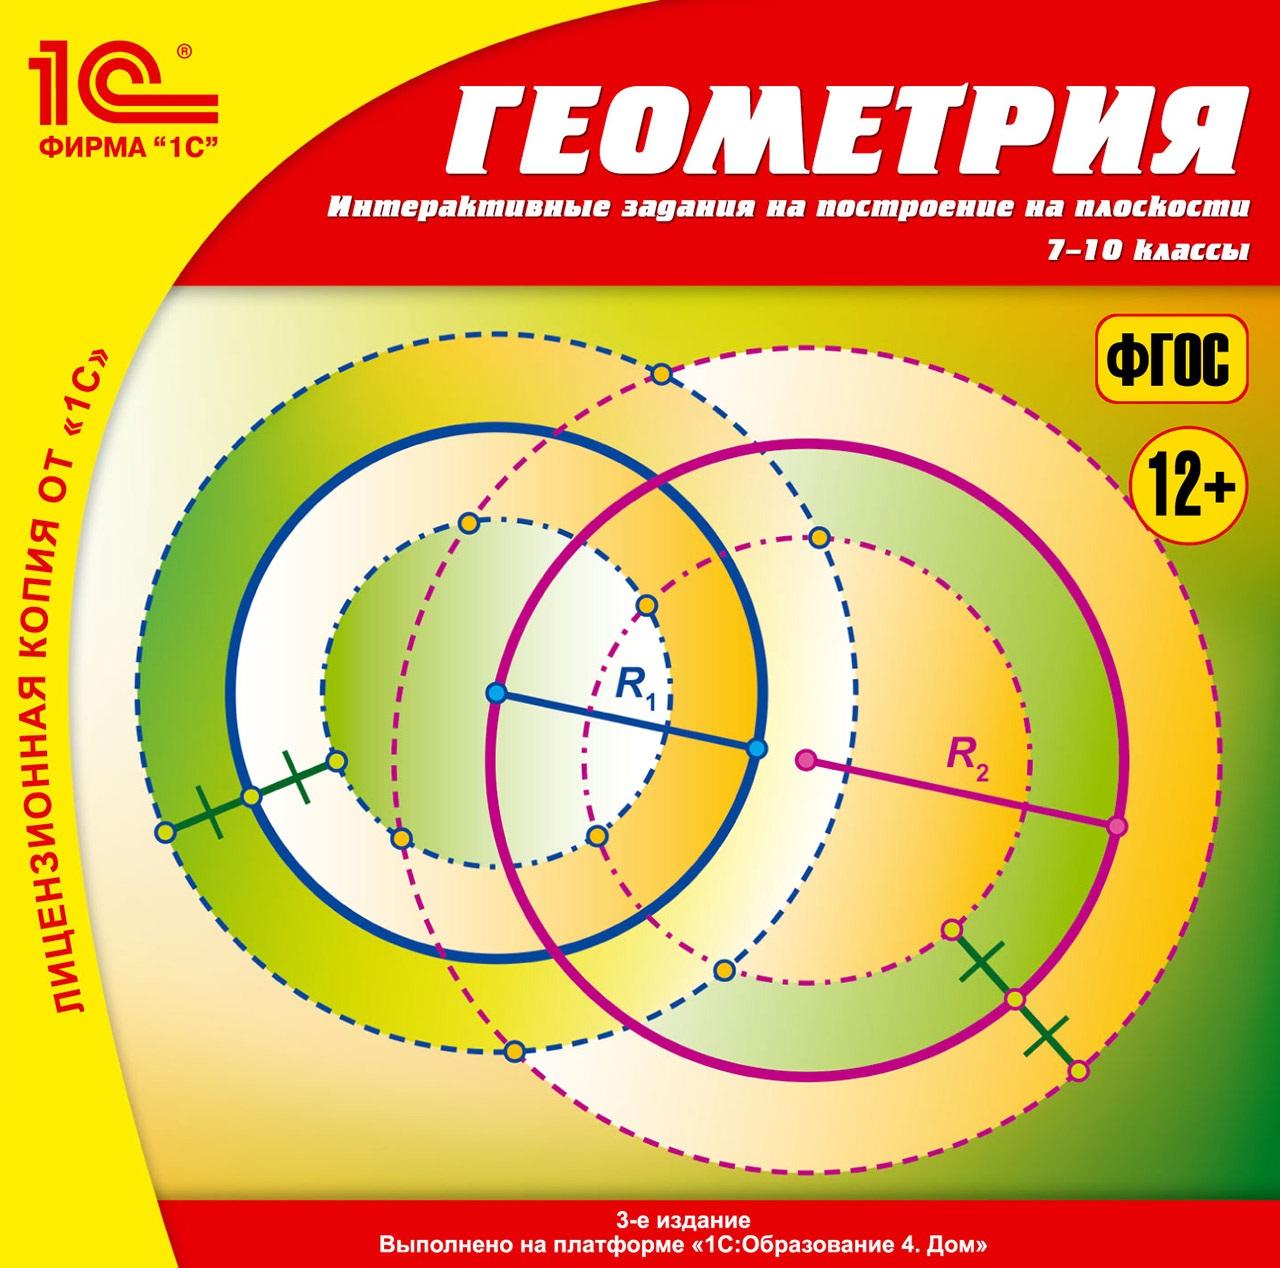 Геометрия. Интерактивные задания на построение на плоскости. 7–10 классы (Цифровая версия)Образовательный комплекс Геометрия. Интерактивные задания на построение на плоскости. 7–10 классы содержит учебные материалы по решению задач на построение, изучаемых на уроках геометрии в 9–11 классах.<br>